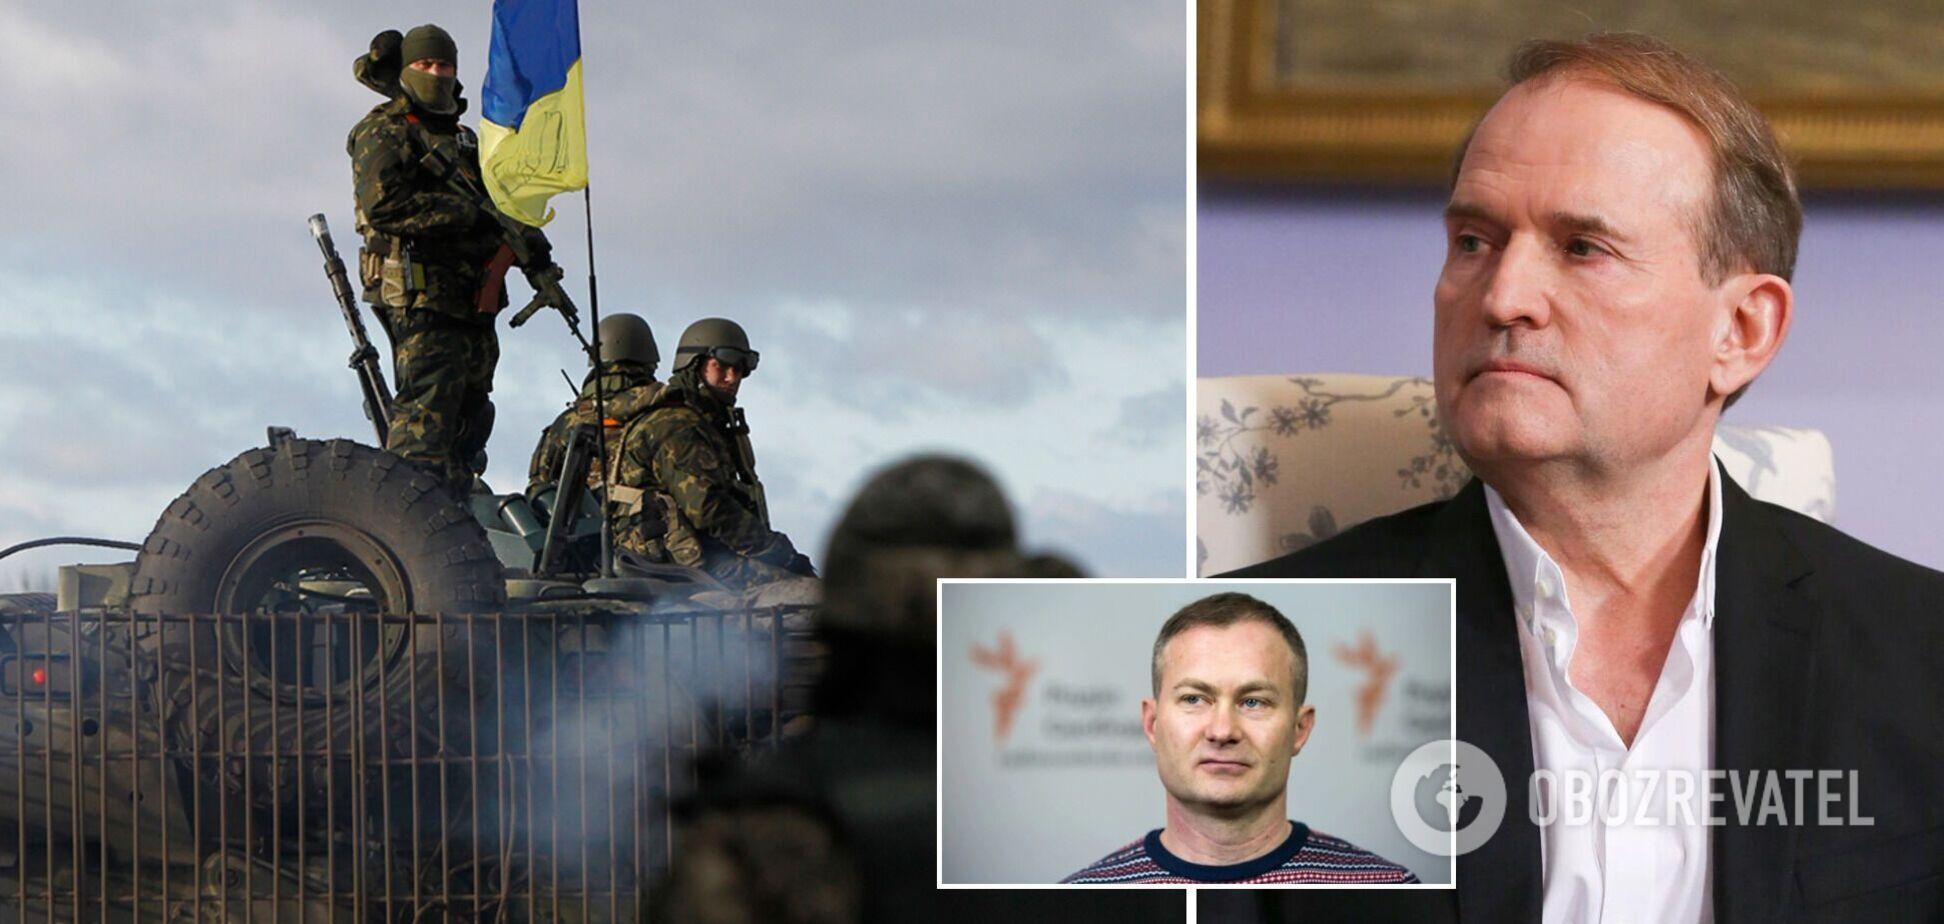 Россия заблокировала обмен пленных,требуя ввести в ТКГ Медведчука вместо Третьяковой, – Гармаш